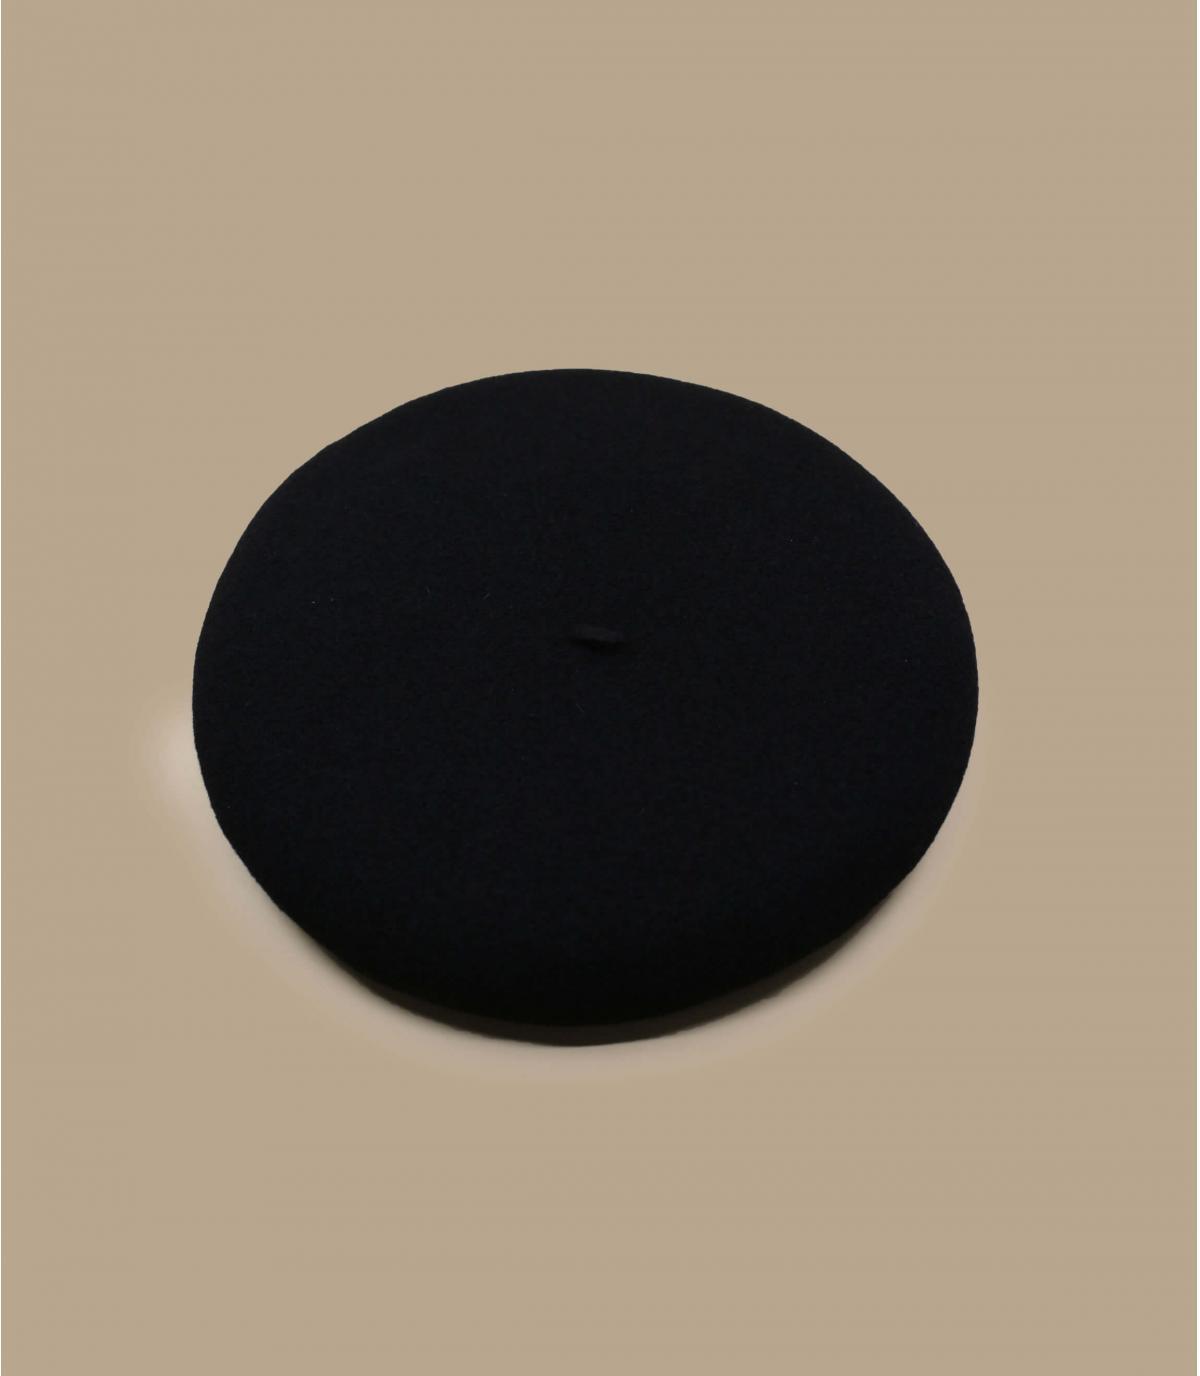 Véritable Gorro basque negro